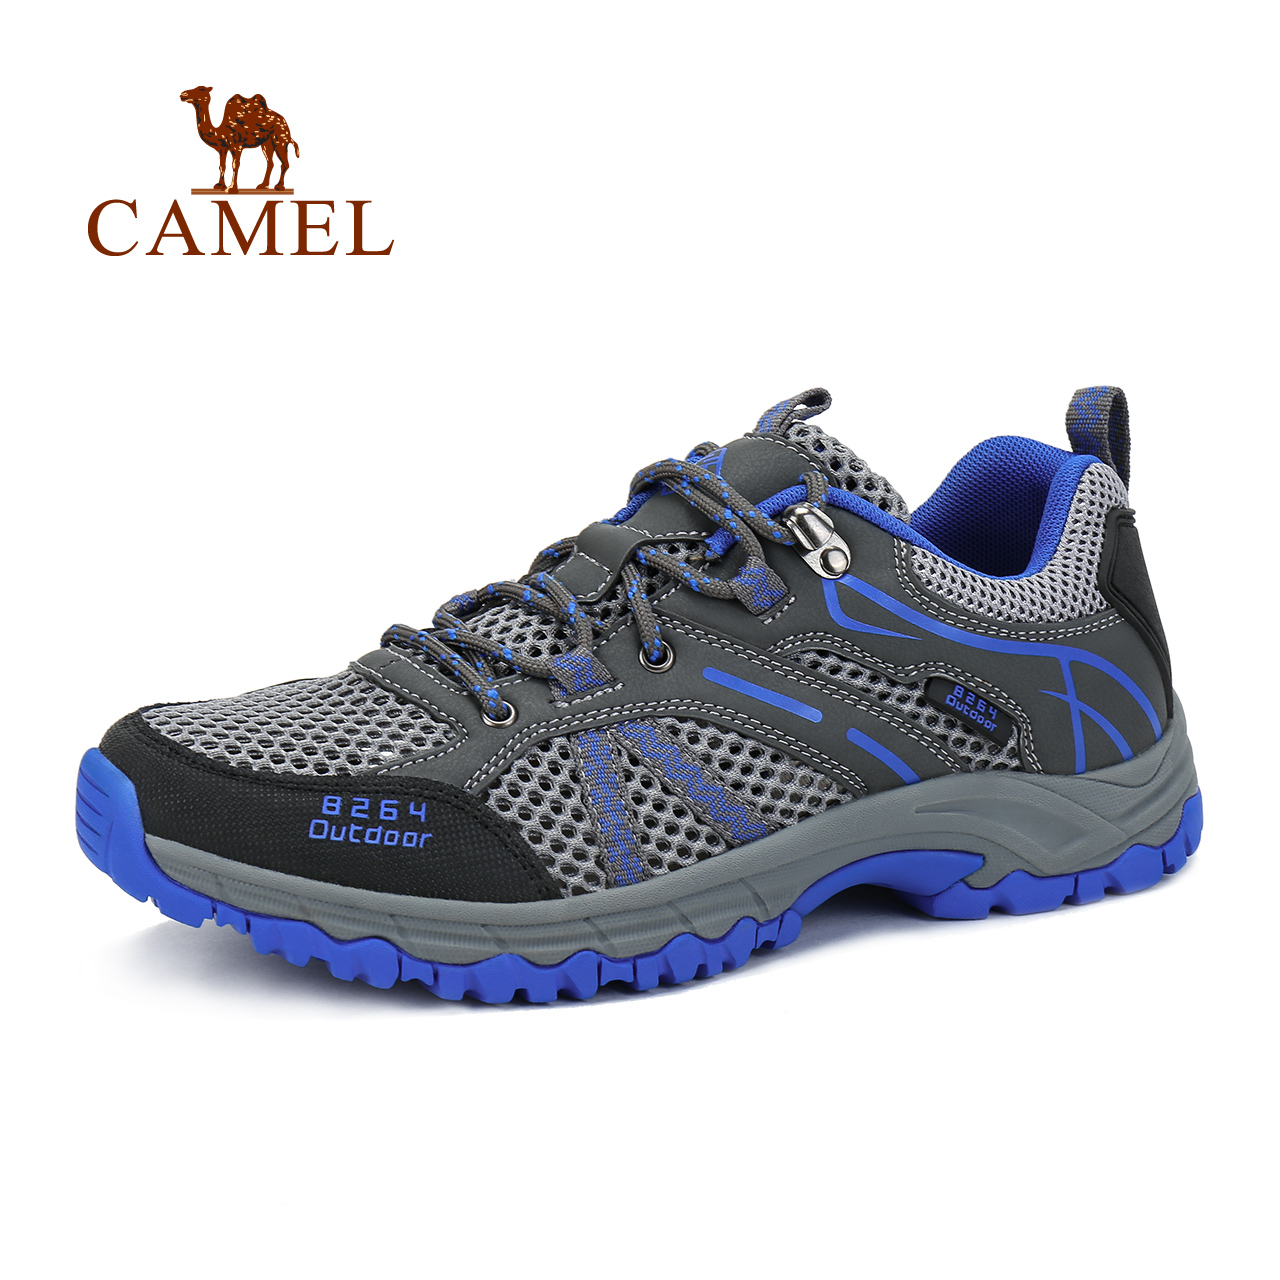 【清仓特卖】骆驼&8264登山队系列户外鞋男鞋徒步鞋耐磨越野跑鞋